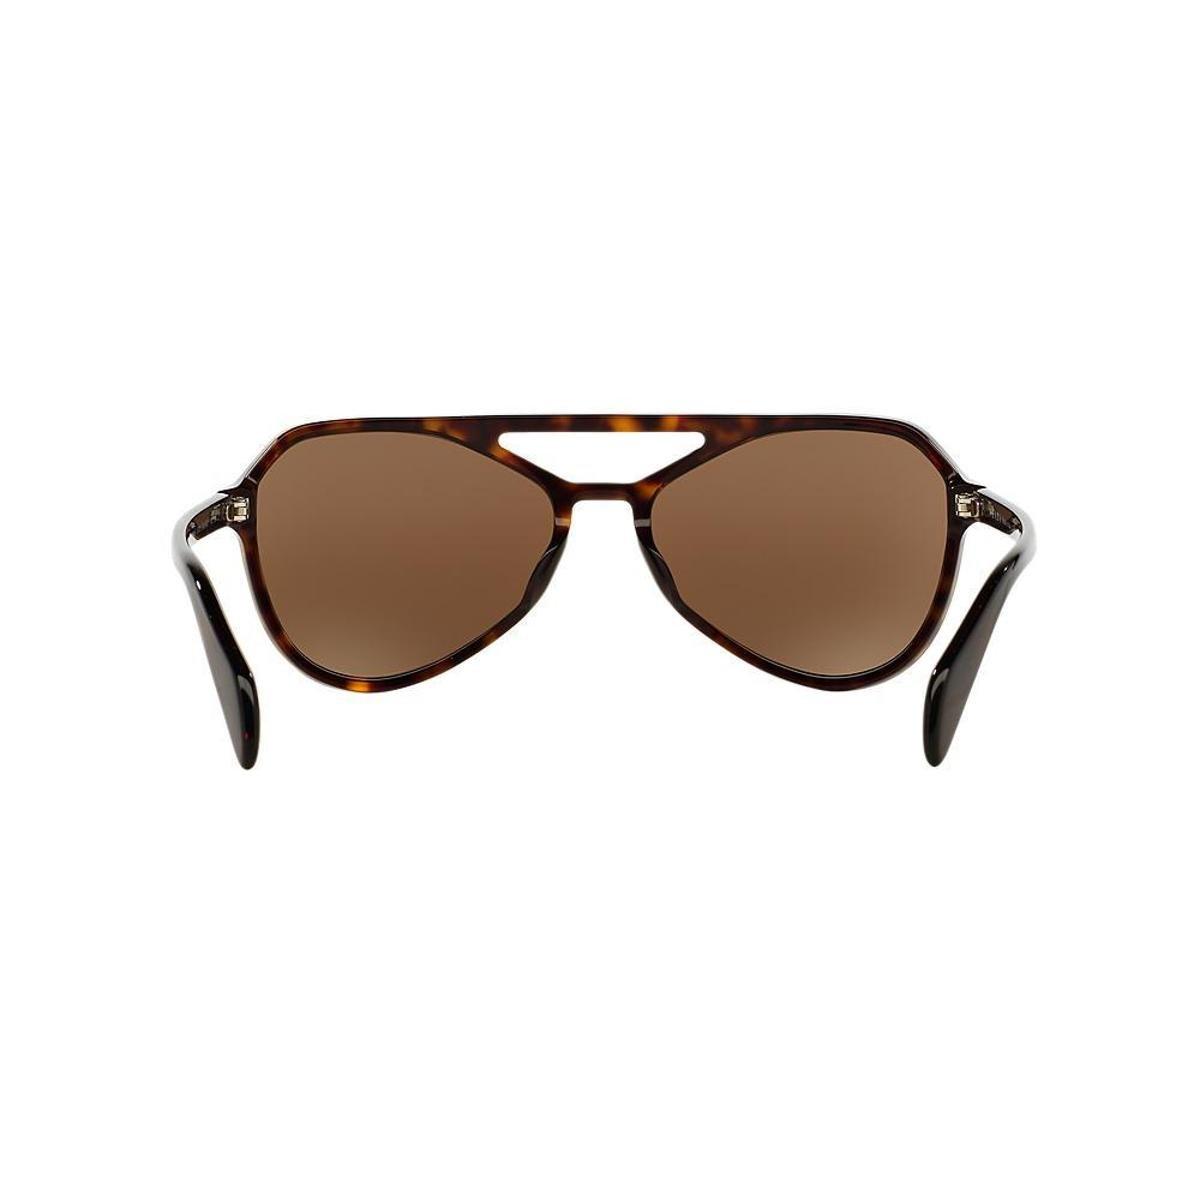 Óculos de Sol Prada Piloto PR 22RS Masculino - Marrom - Compre Agora ... a652fba07e